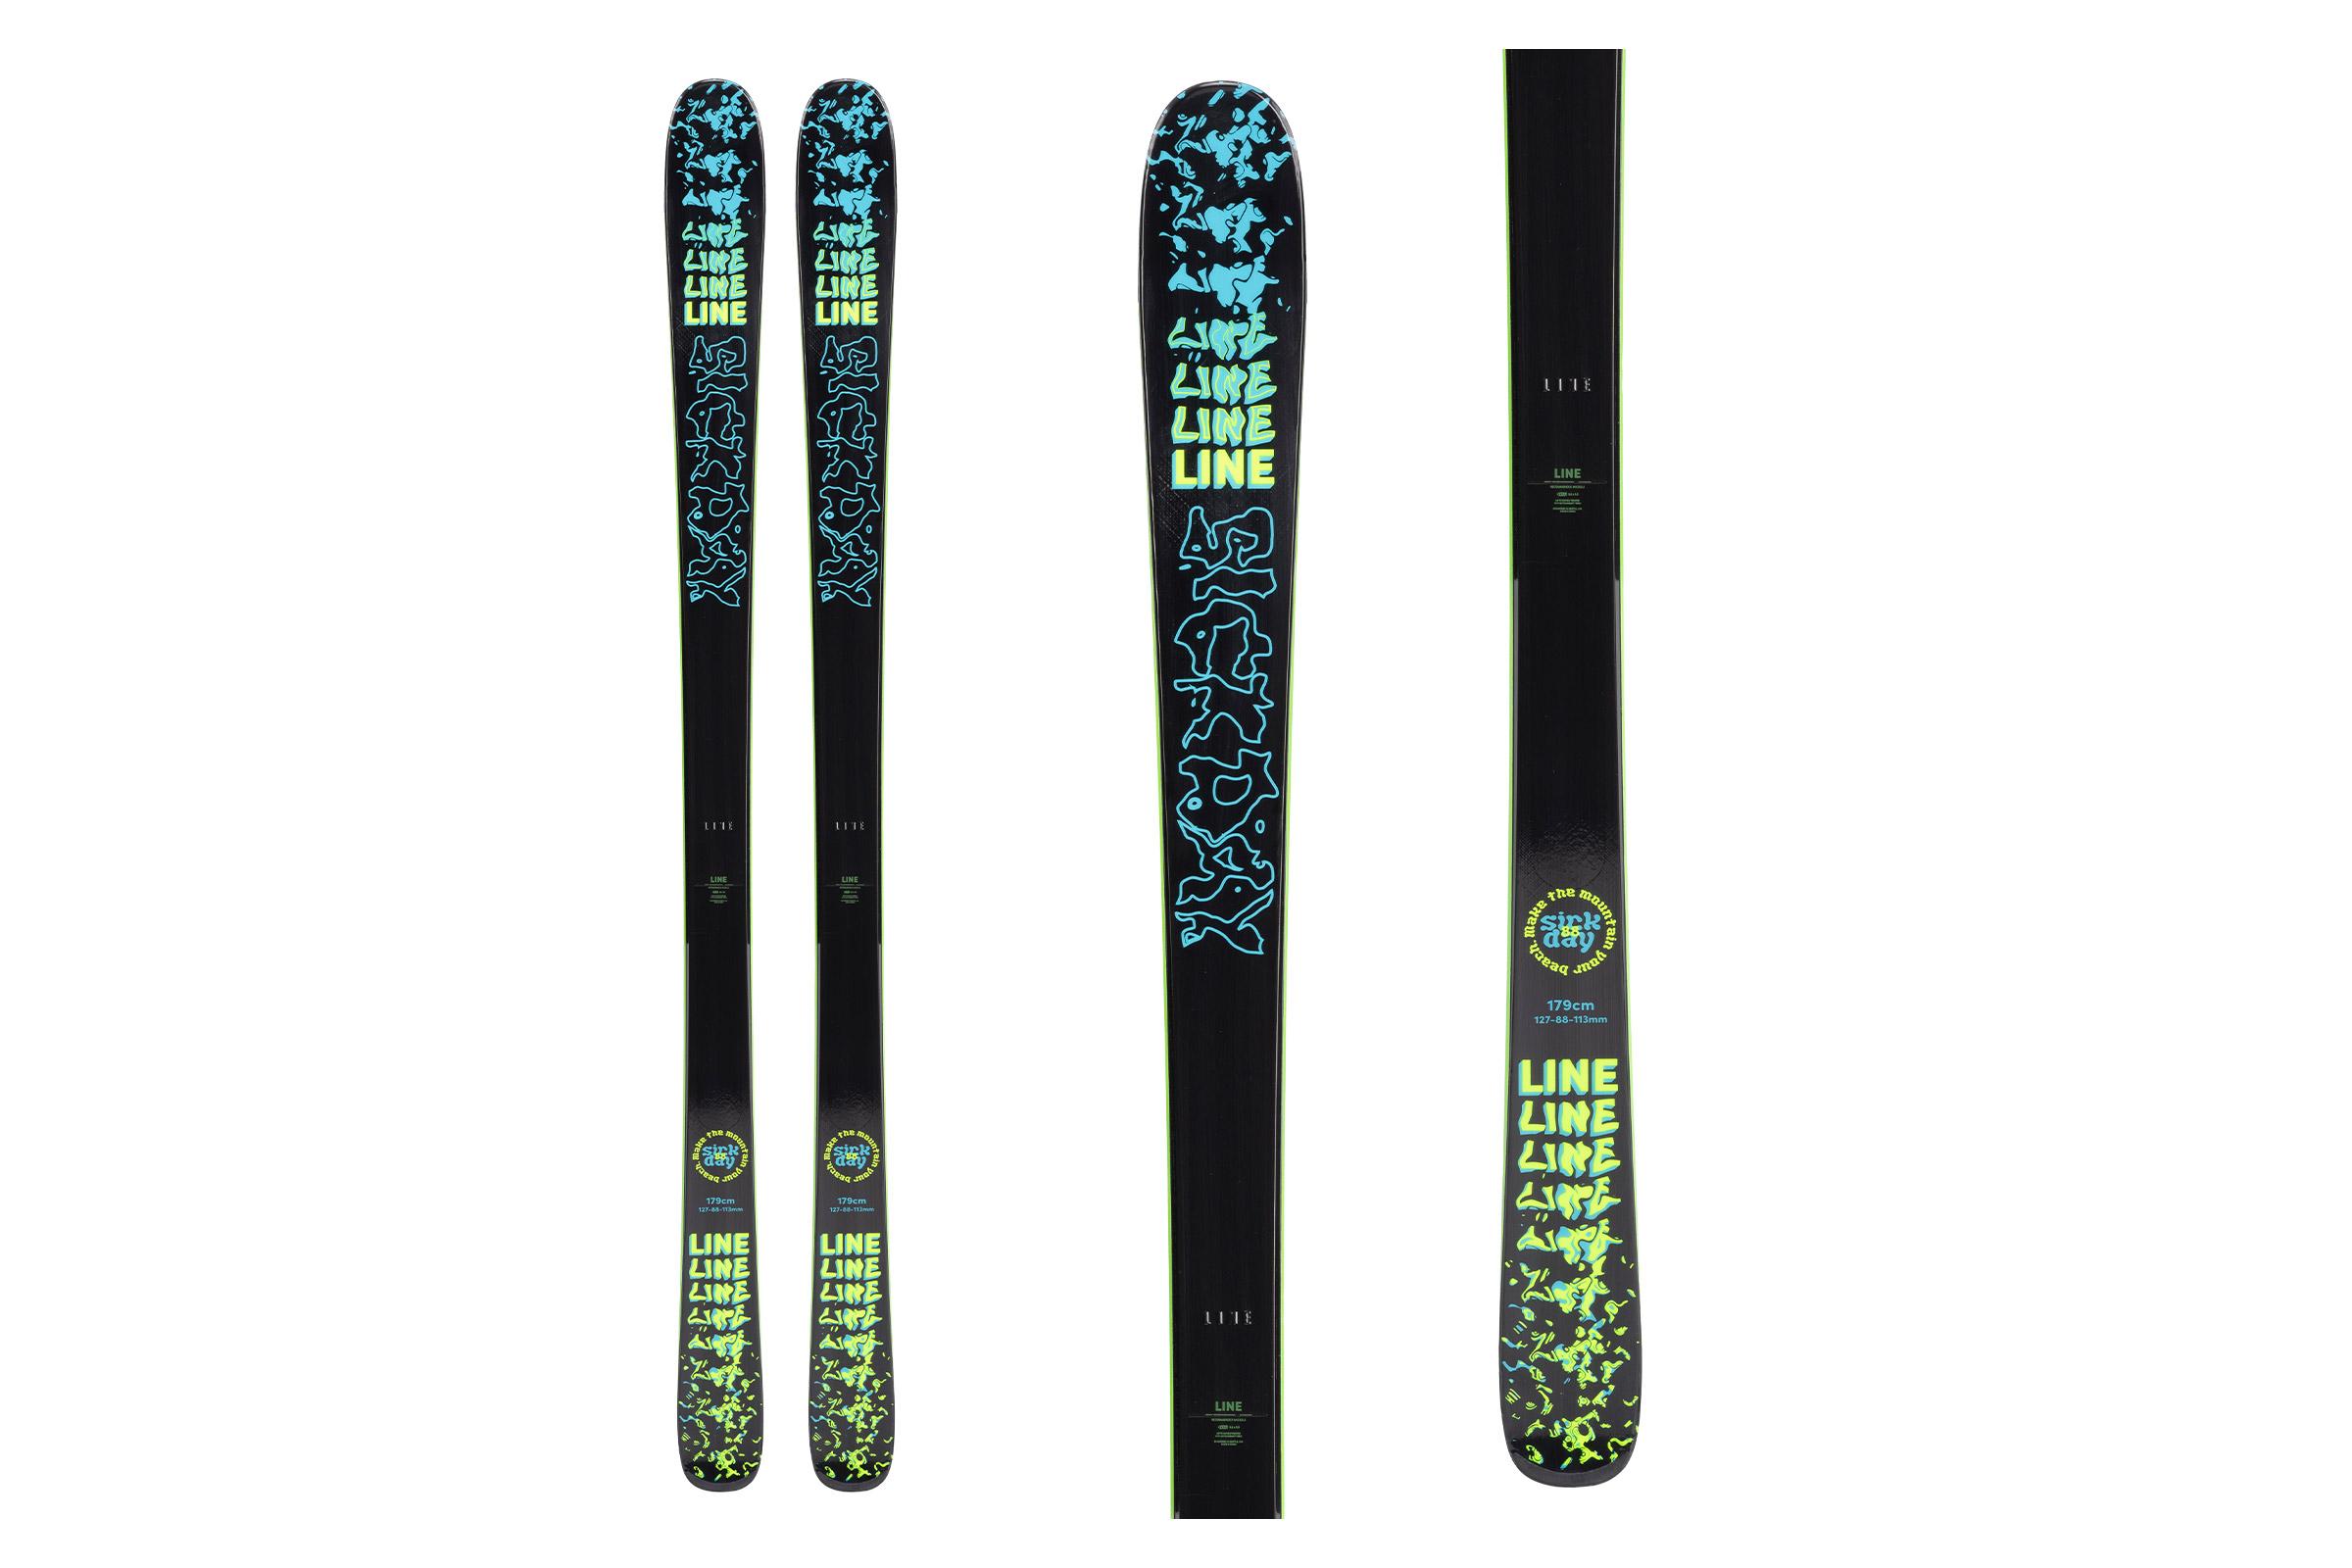 line skis sick fay 88 - all mountain skis